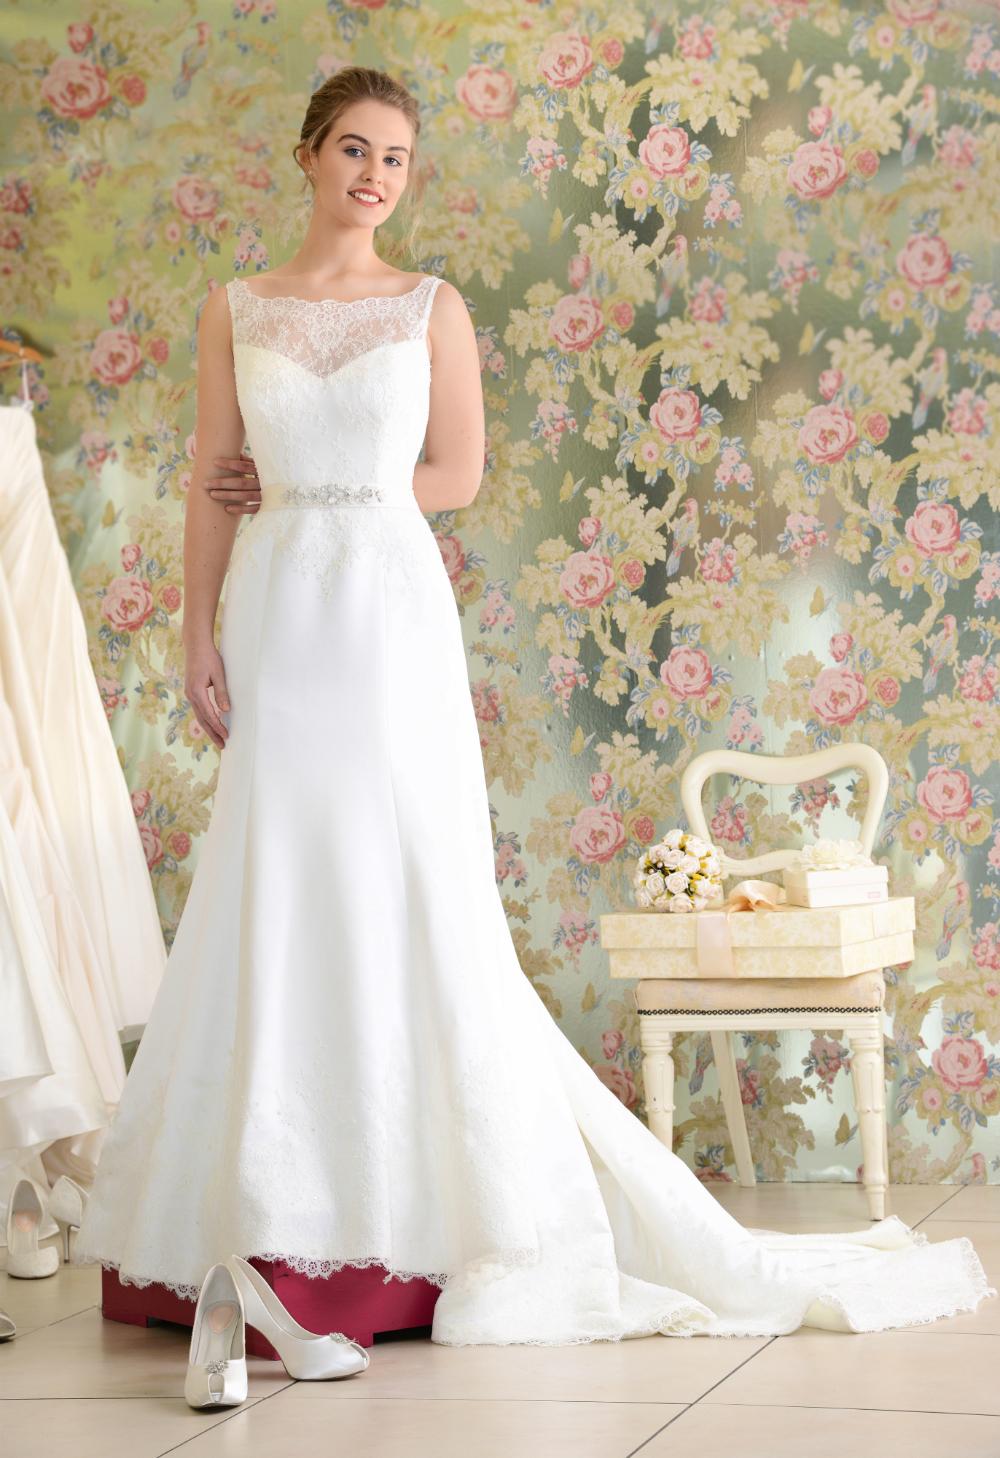 Gift Voucher Redemption Wedding Dress Ink # Dressing Kitea Maroc Photos